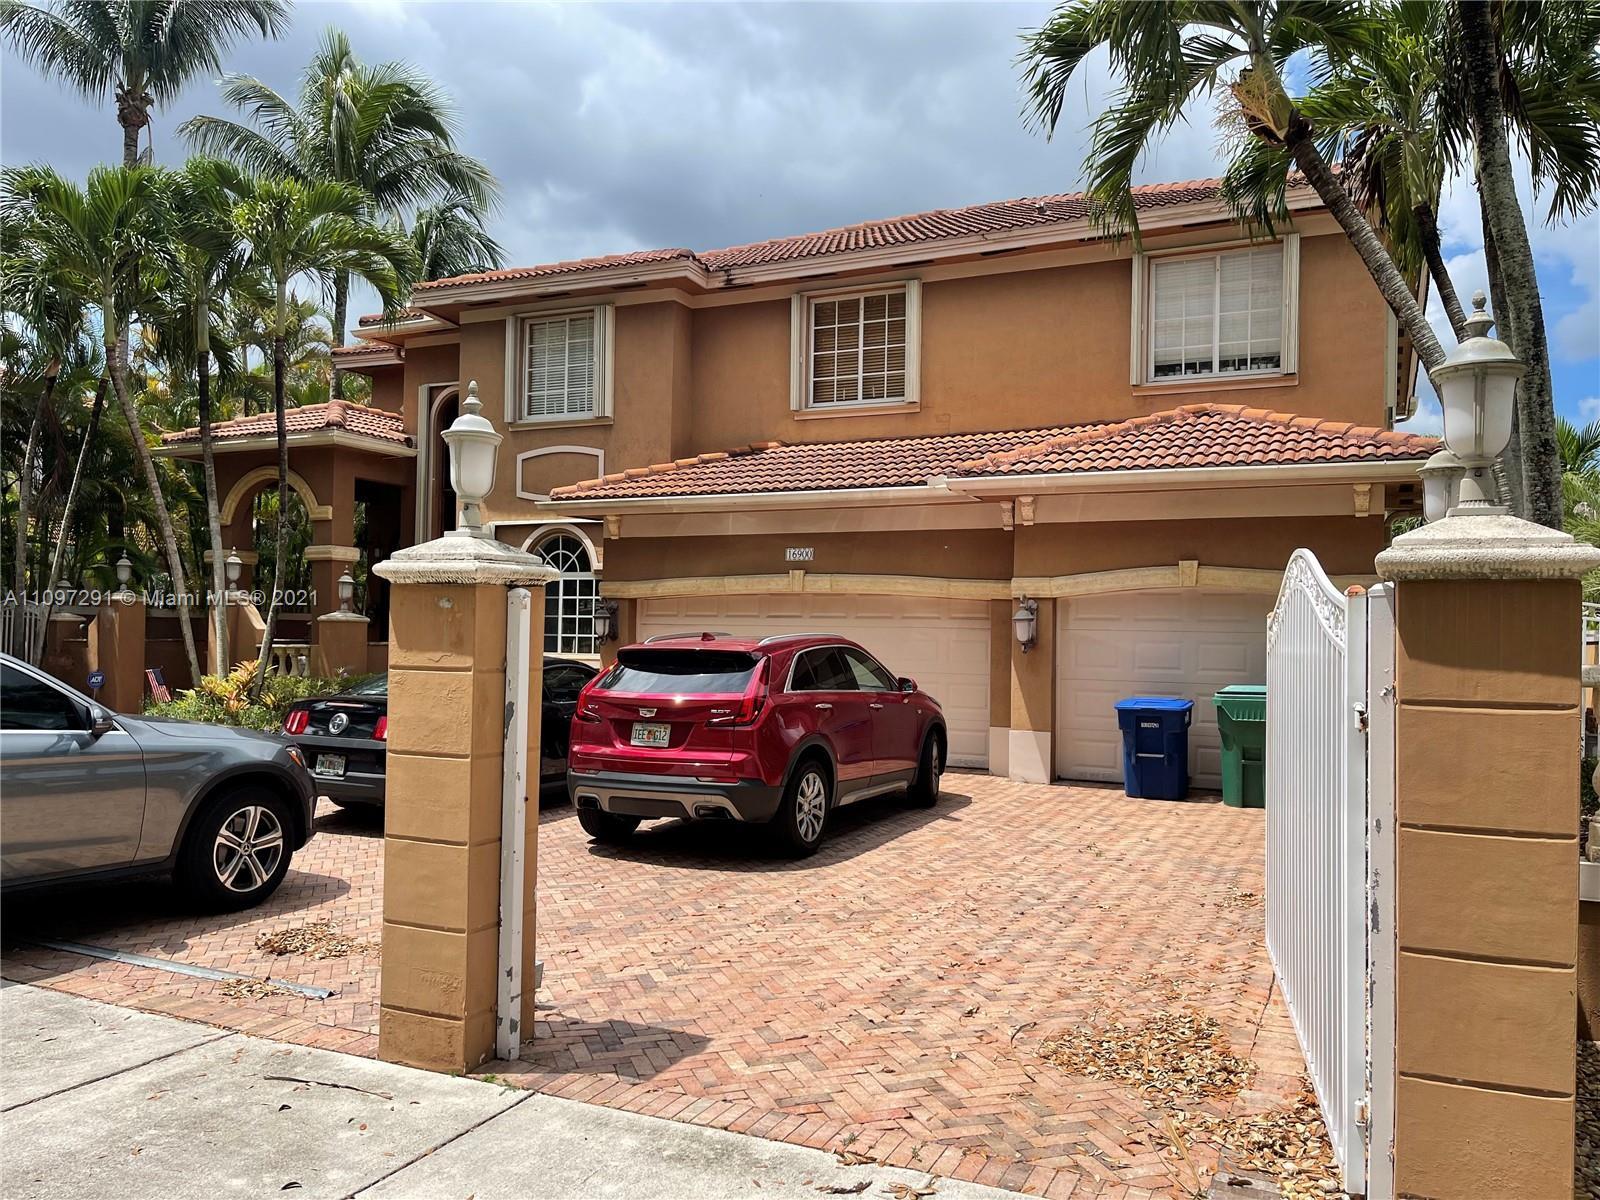 Miami Lakes - 16900 NW 78th Ave, Miami Lakes, FL 33016